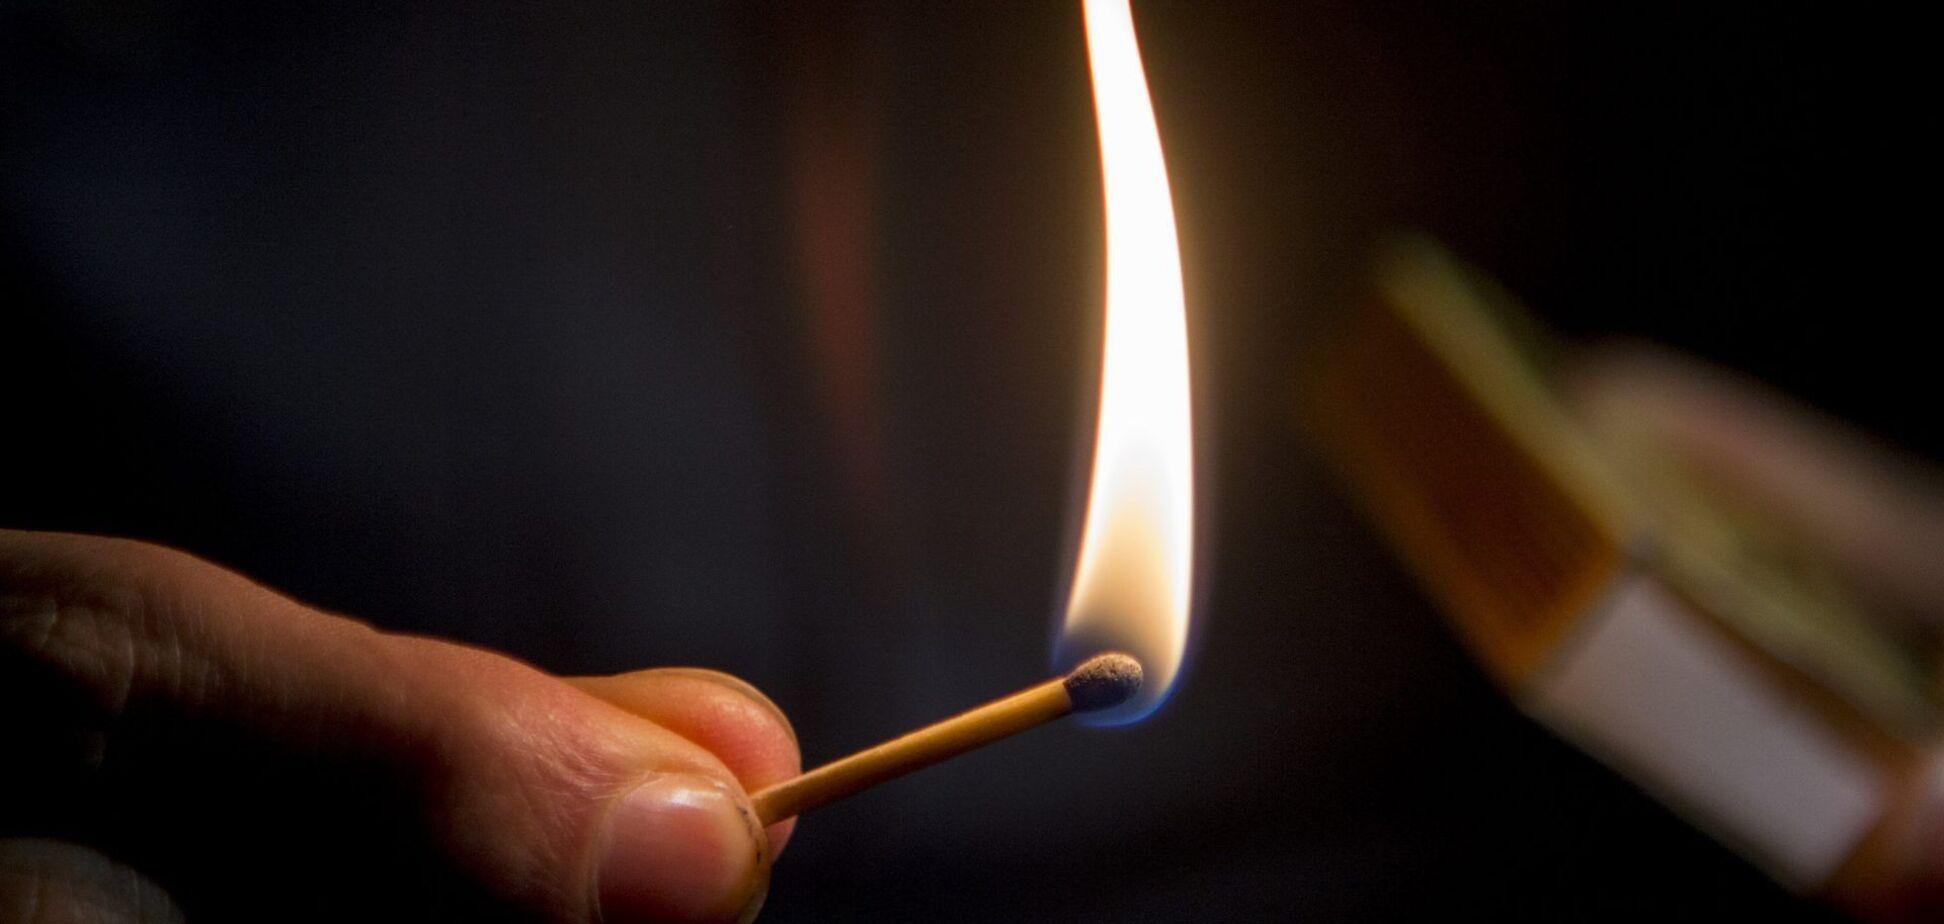 В Днепре мужчина устроил самосожжение – СМИ